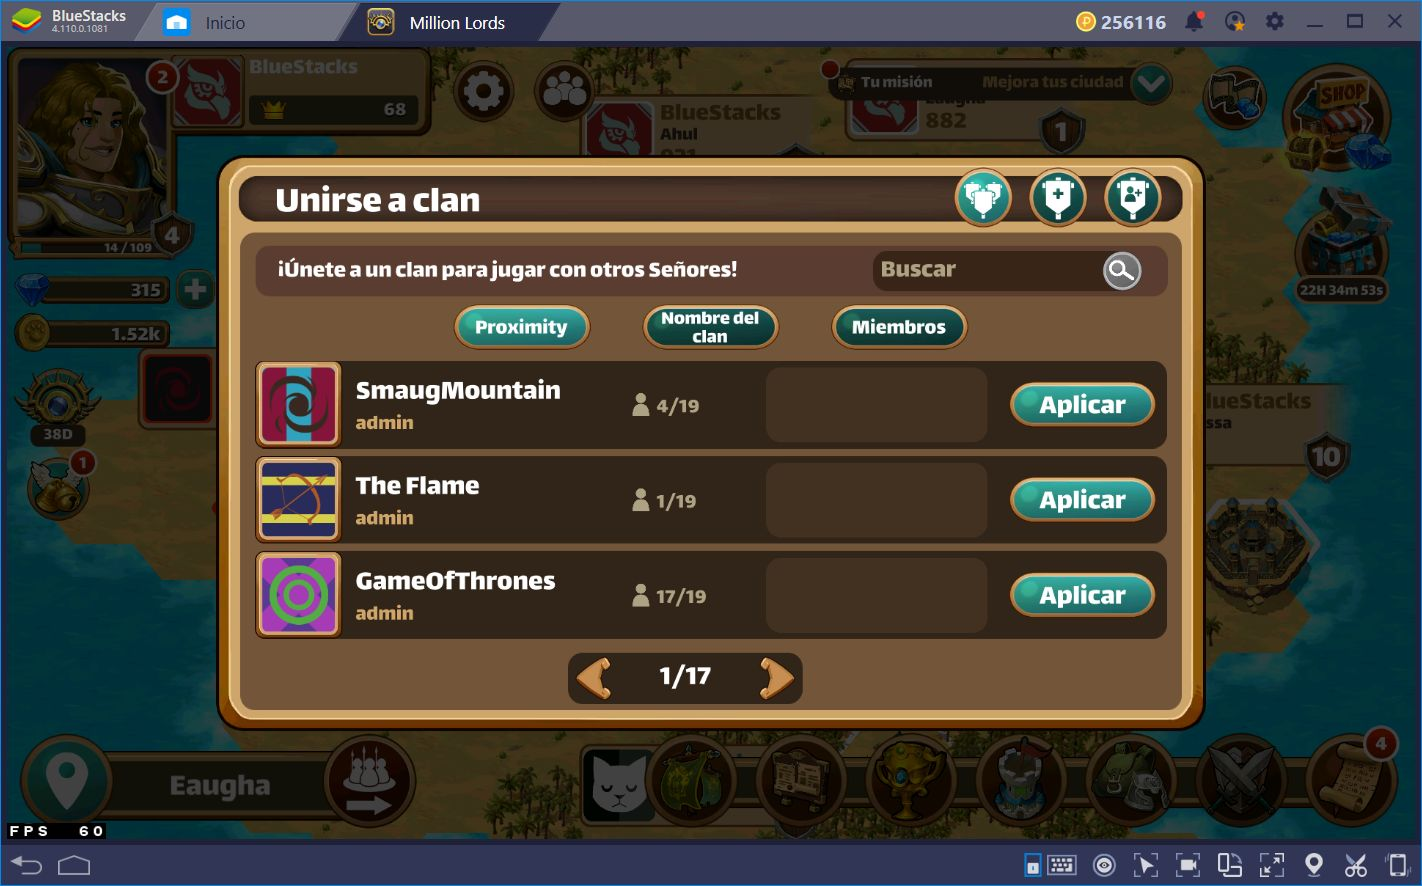 Conquistando el Reino en Million Lords con BlueStacks